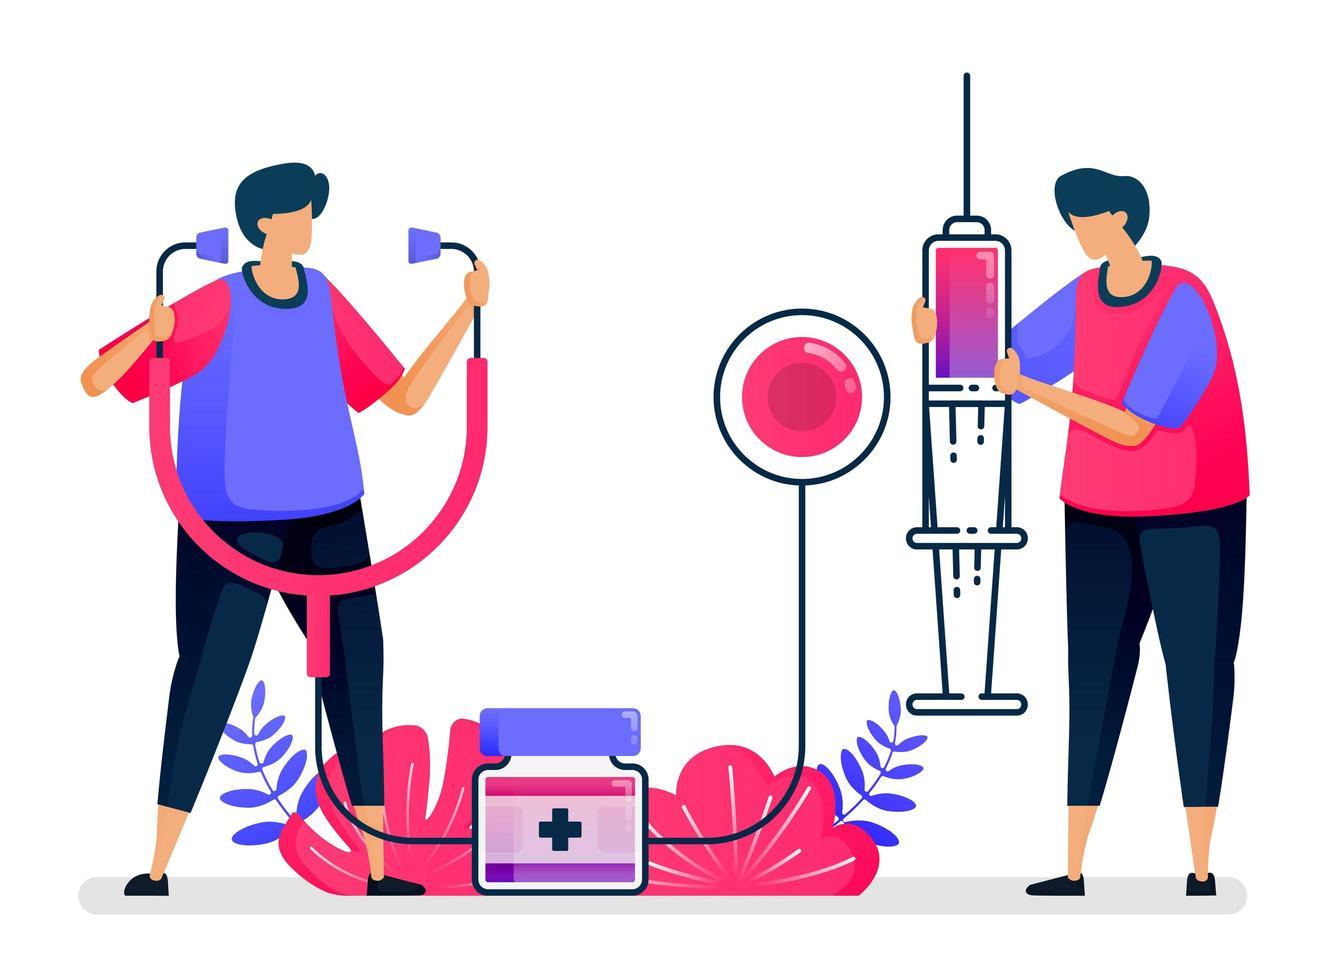 illustrazione vettoriale piatta dei servizi di sanità pubblica per la vaccinazione, il trattamento, la terapia e la medicina. design per l'assistenza sanitaria. può essere utilizzato per landing page, sito web, web, app mobili, poster, volantini